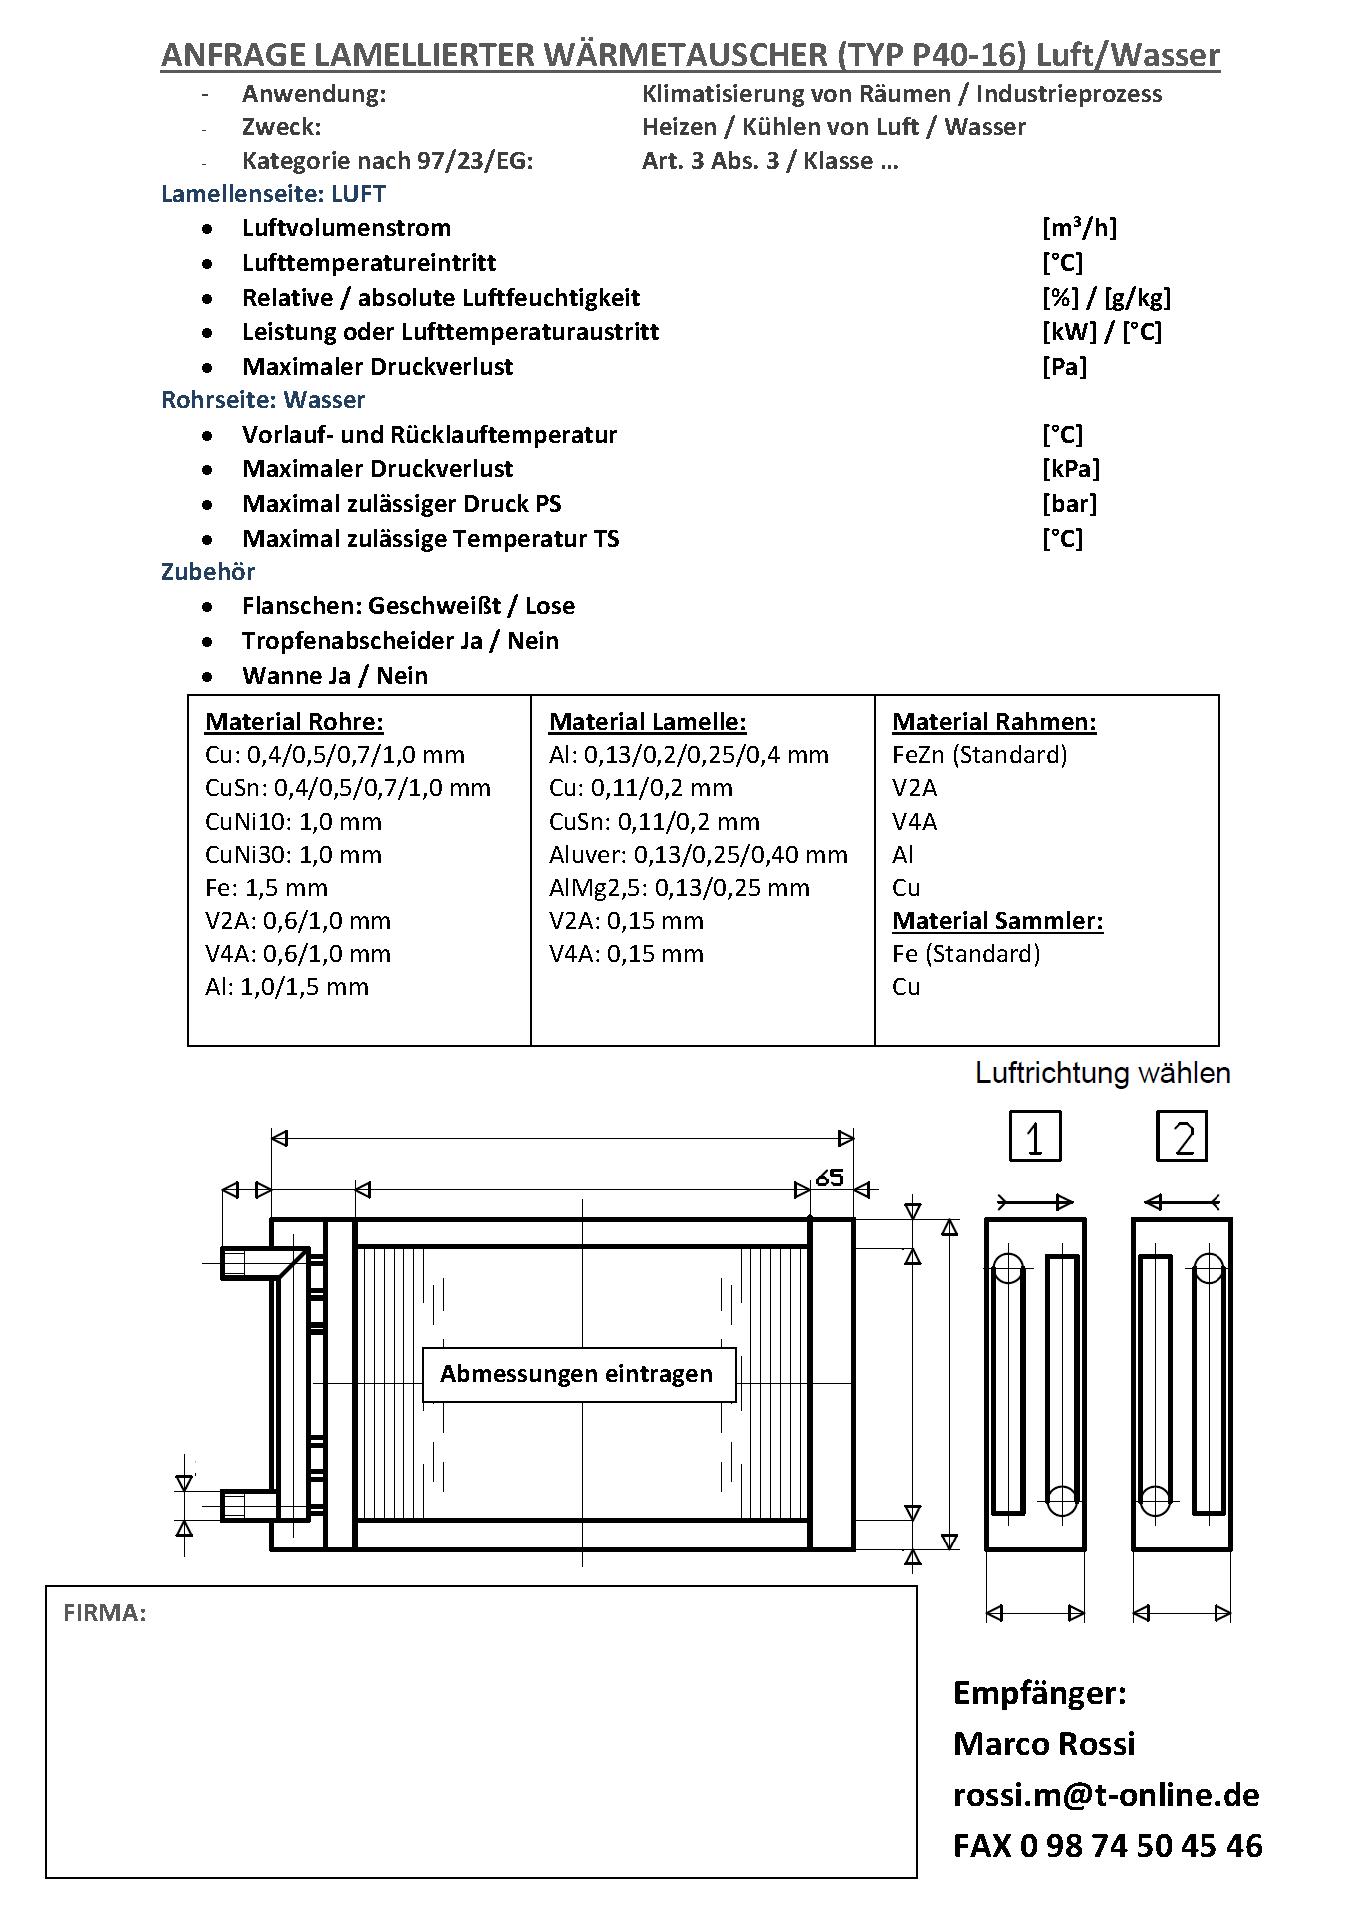 Anfrage Lamellierter Wärmetauscher (Typ P40-16) Luft/R Luft/Wasser